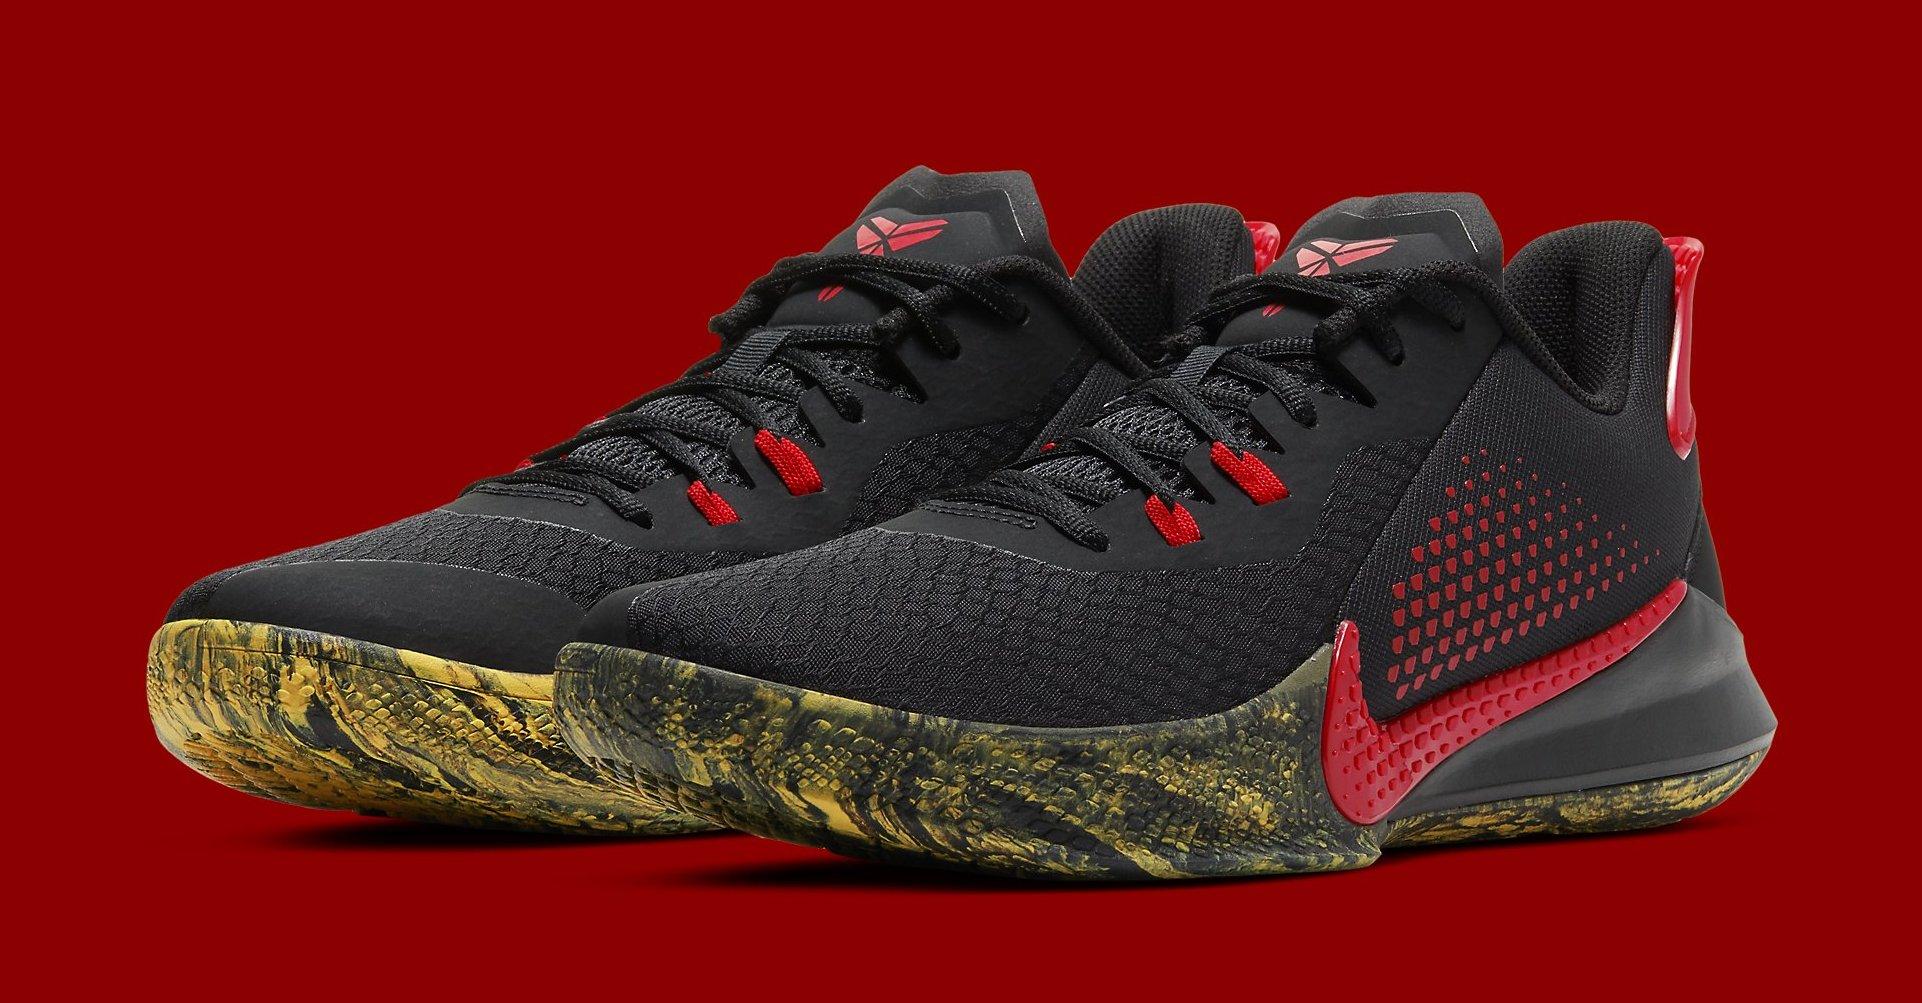 Nike Kobe Mamba Fury Release Date CK2087-002 CK2087-100 CK2087-001 ...